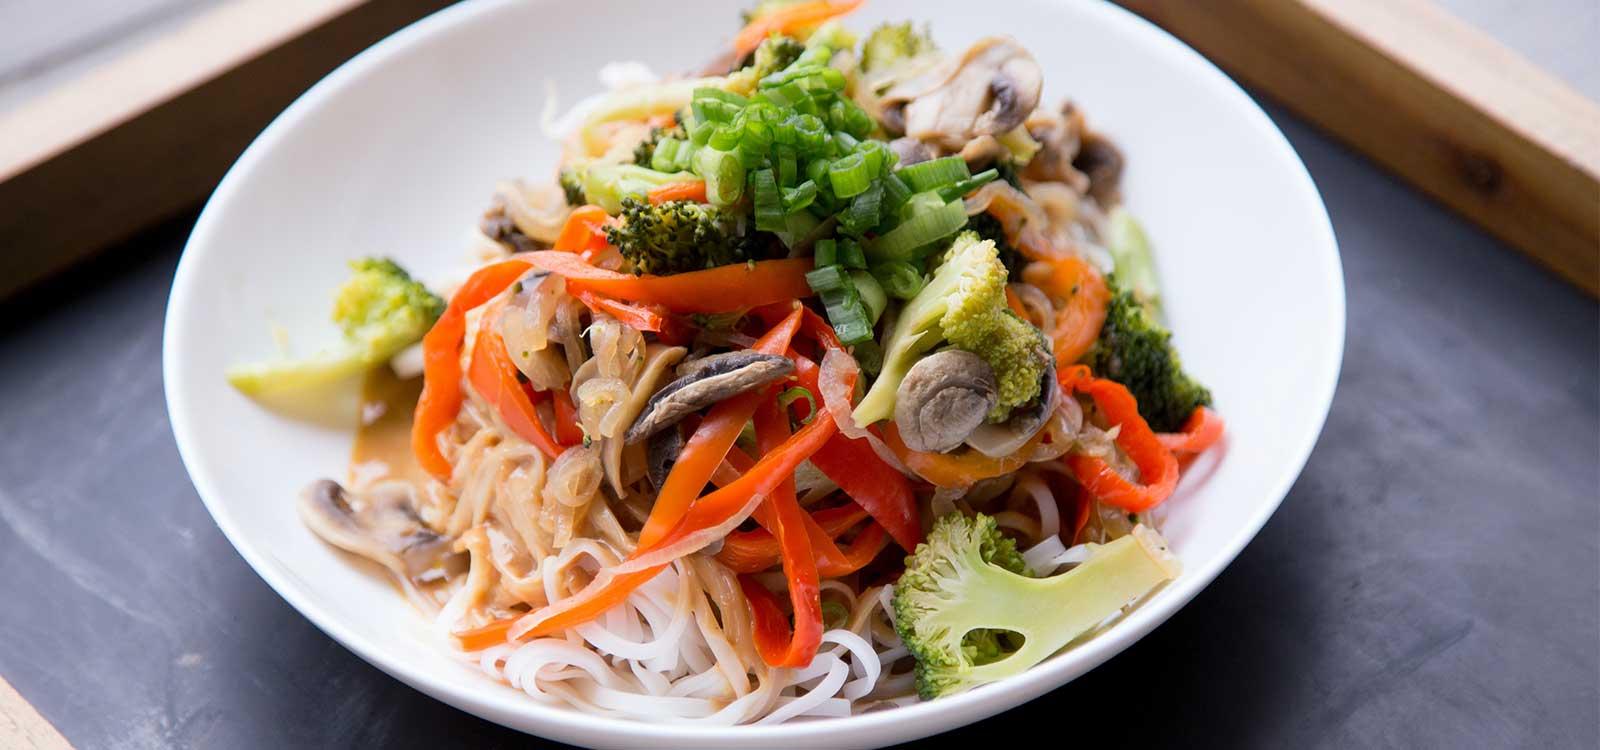 cuisiner végétarien avec la Veg'in box